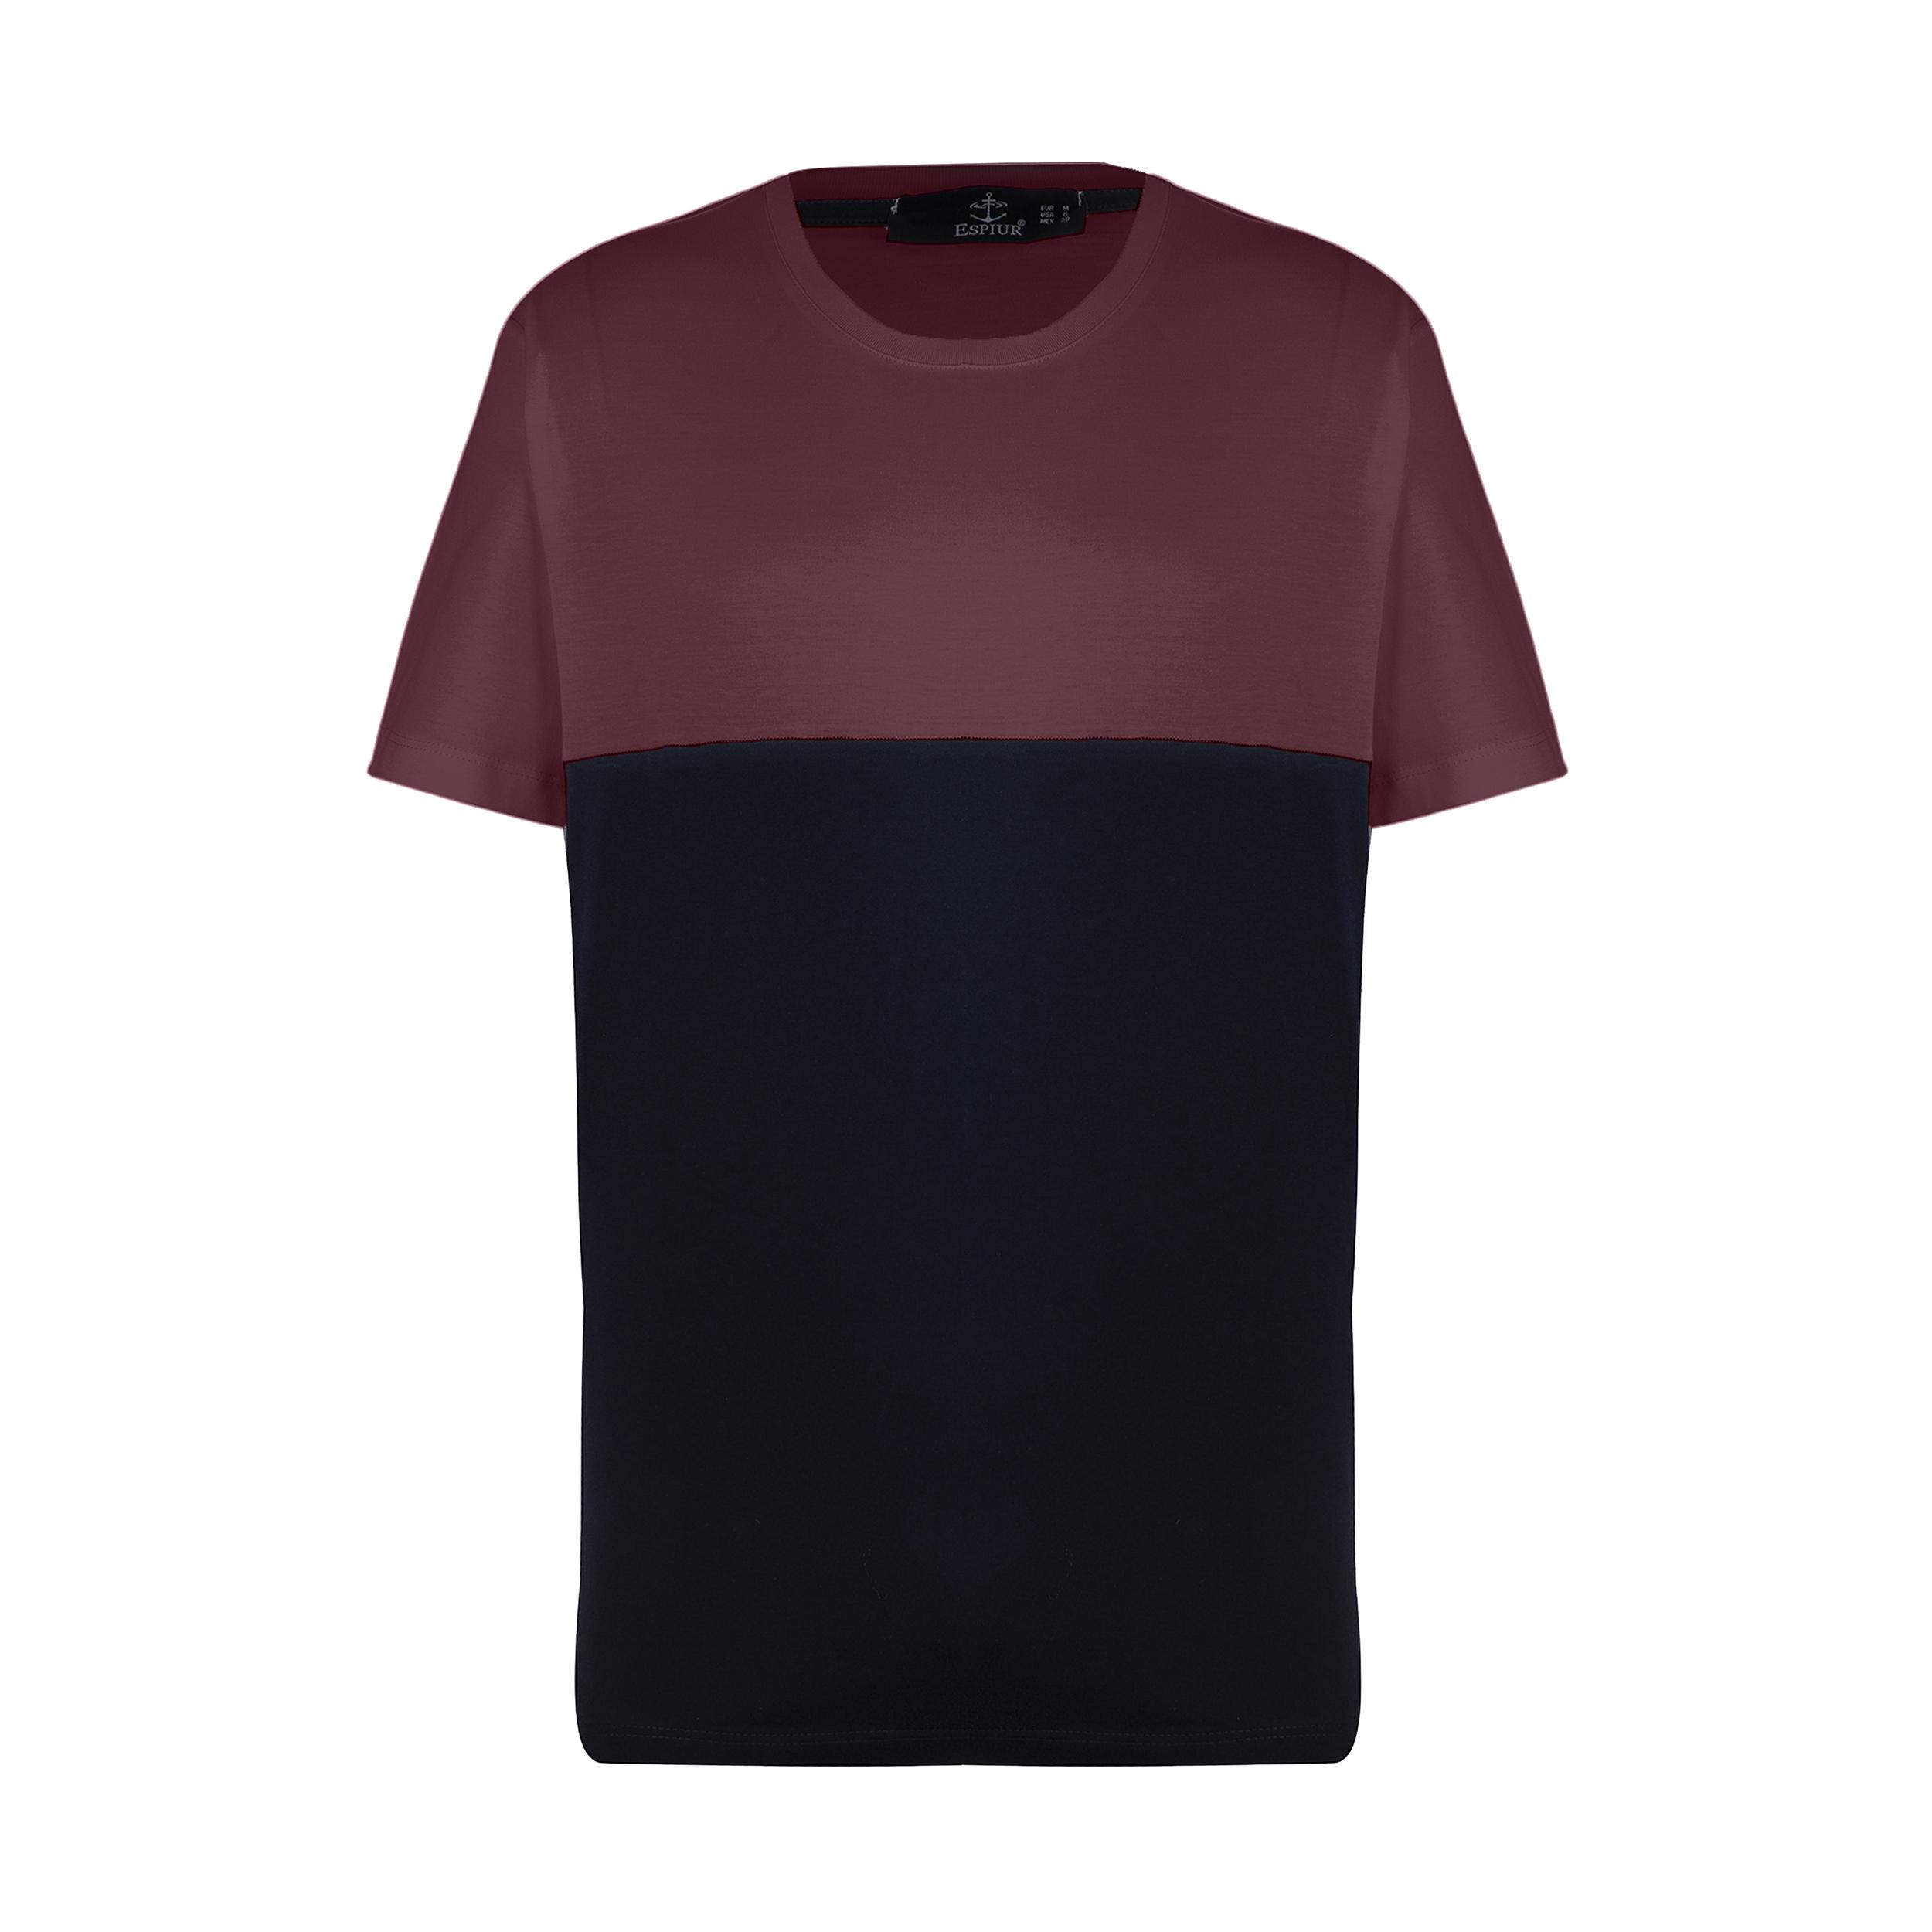 تی شرت مردانه اسپیور مدل 2M05-16